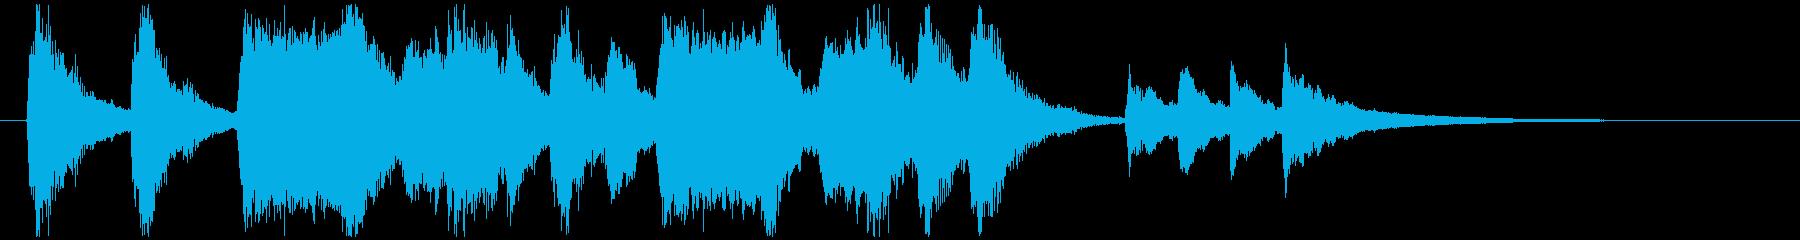 のんびり、おどけたオーケストラロゴの再生済みの波形